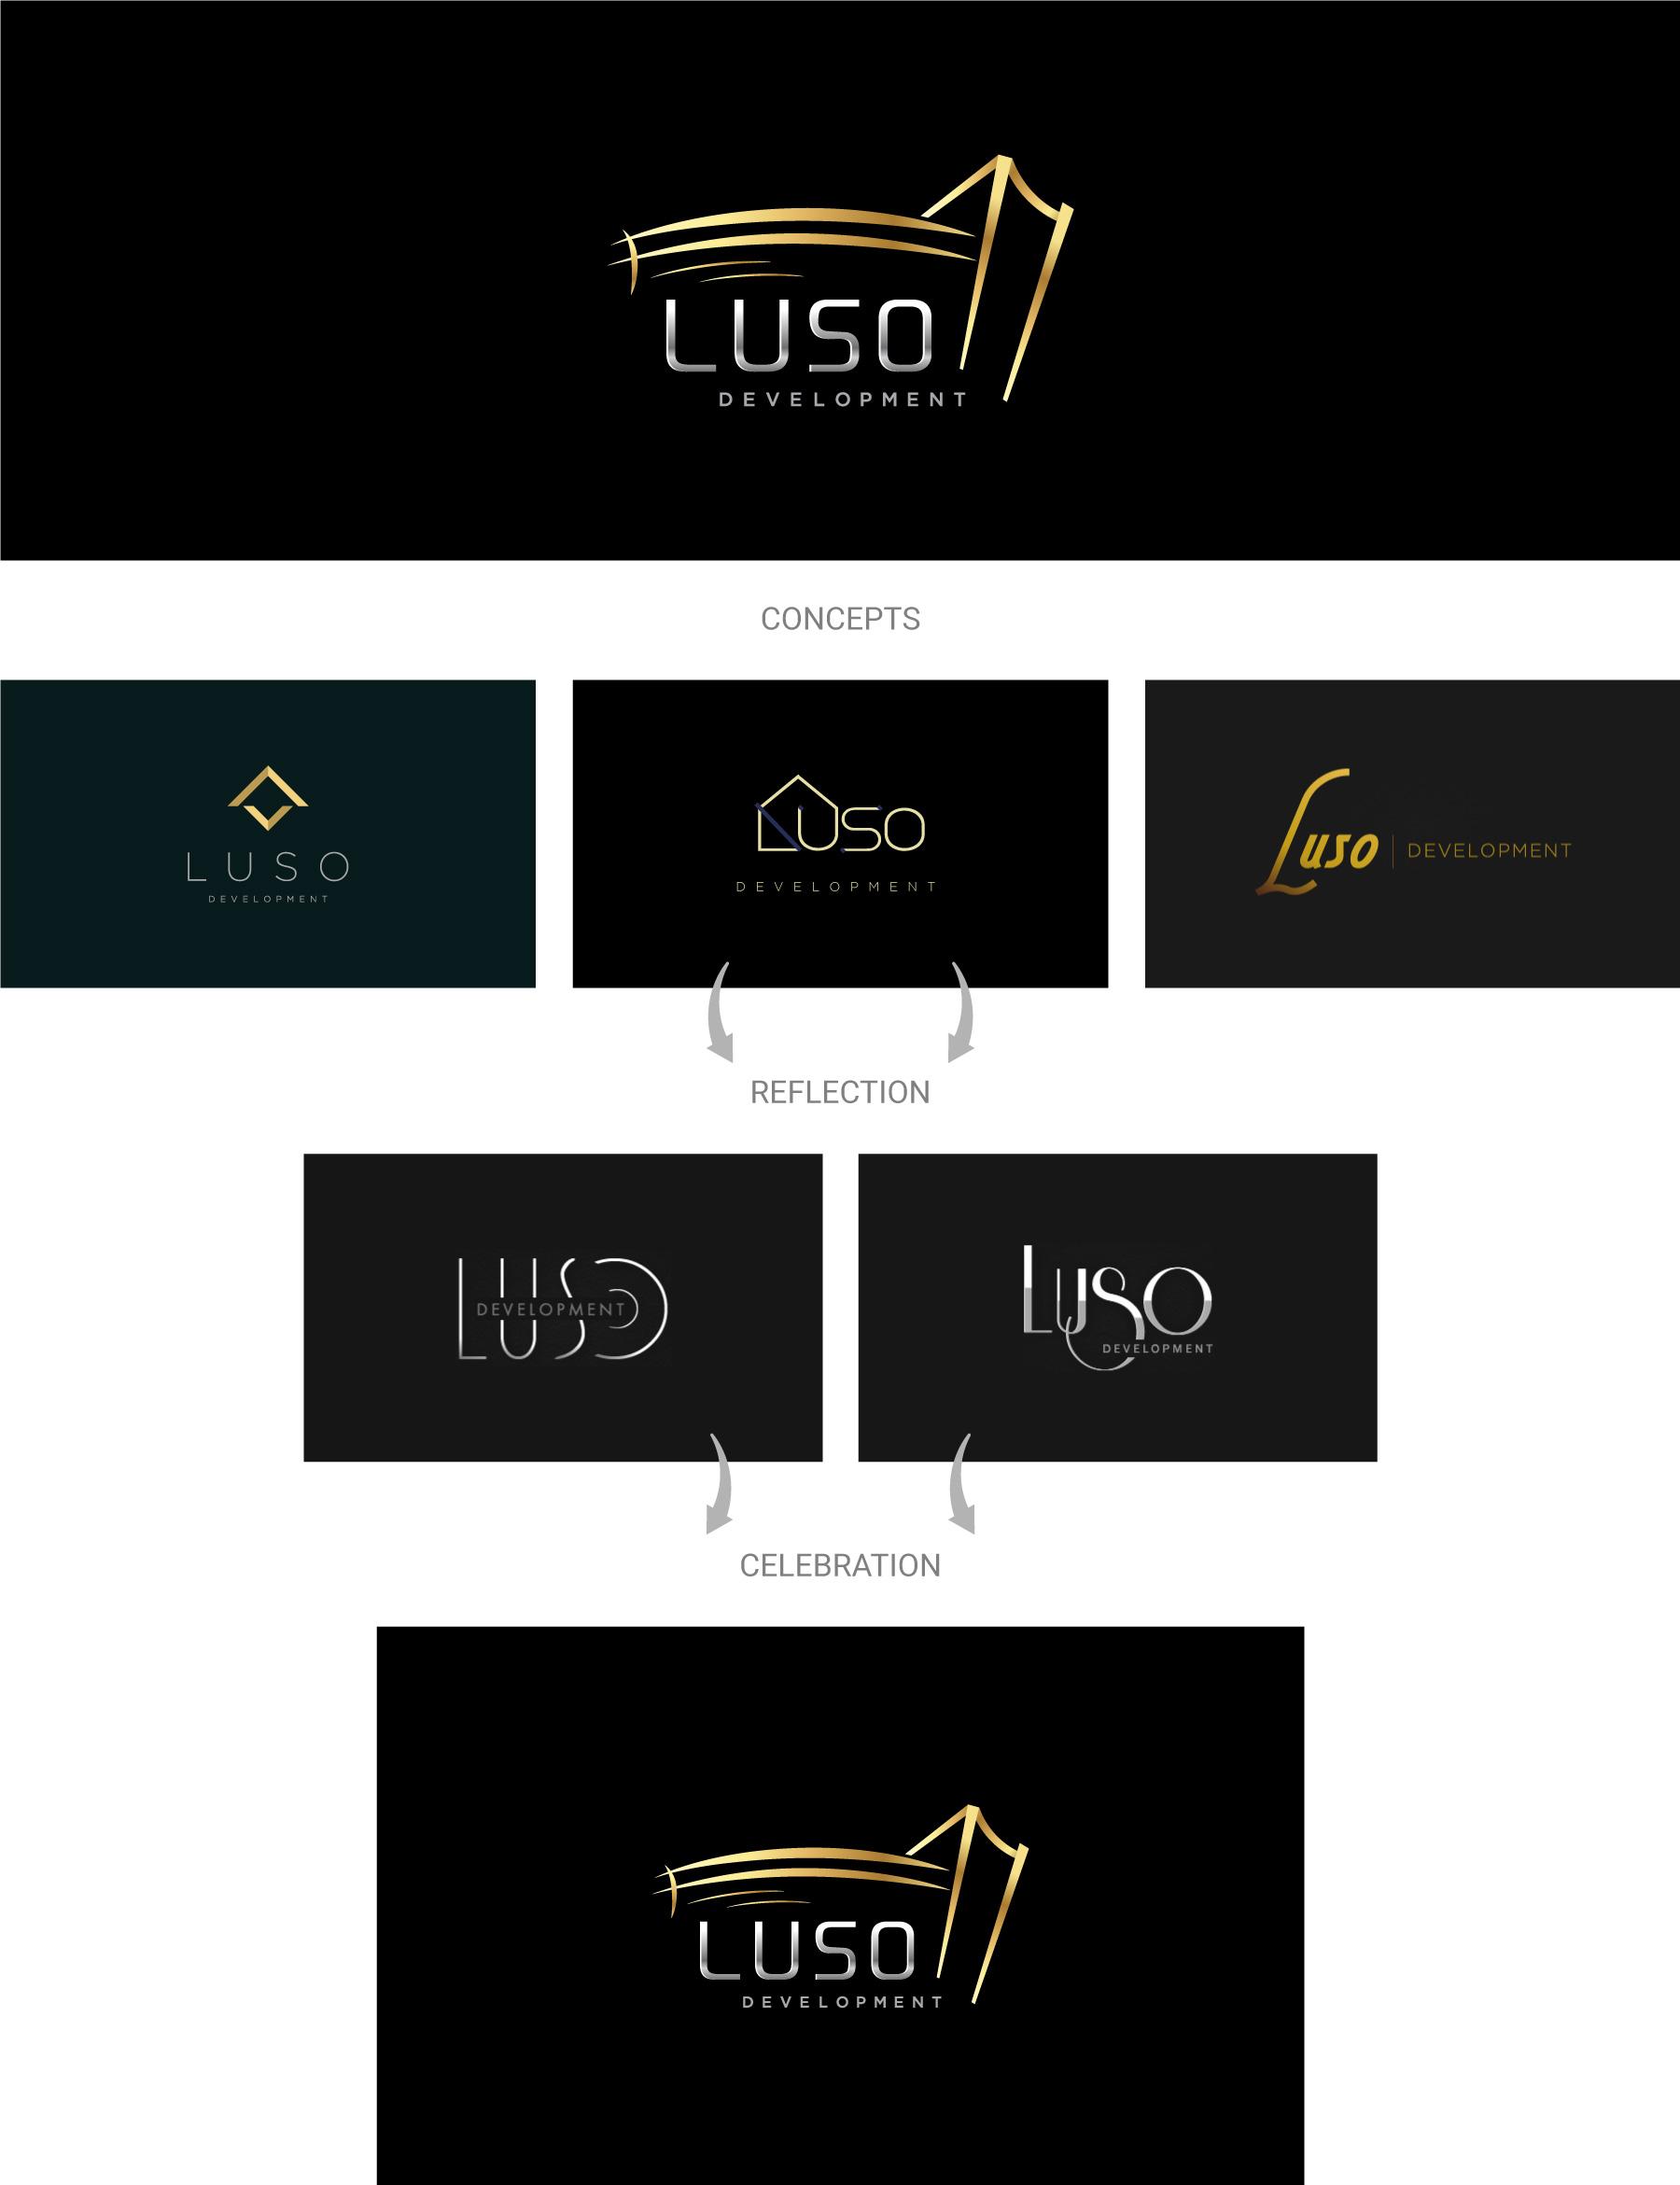 Luso-development-logo-design